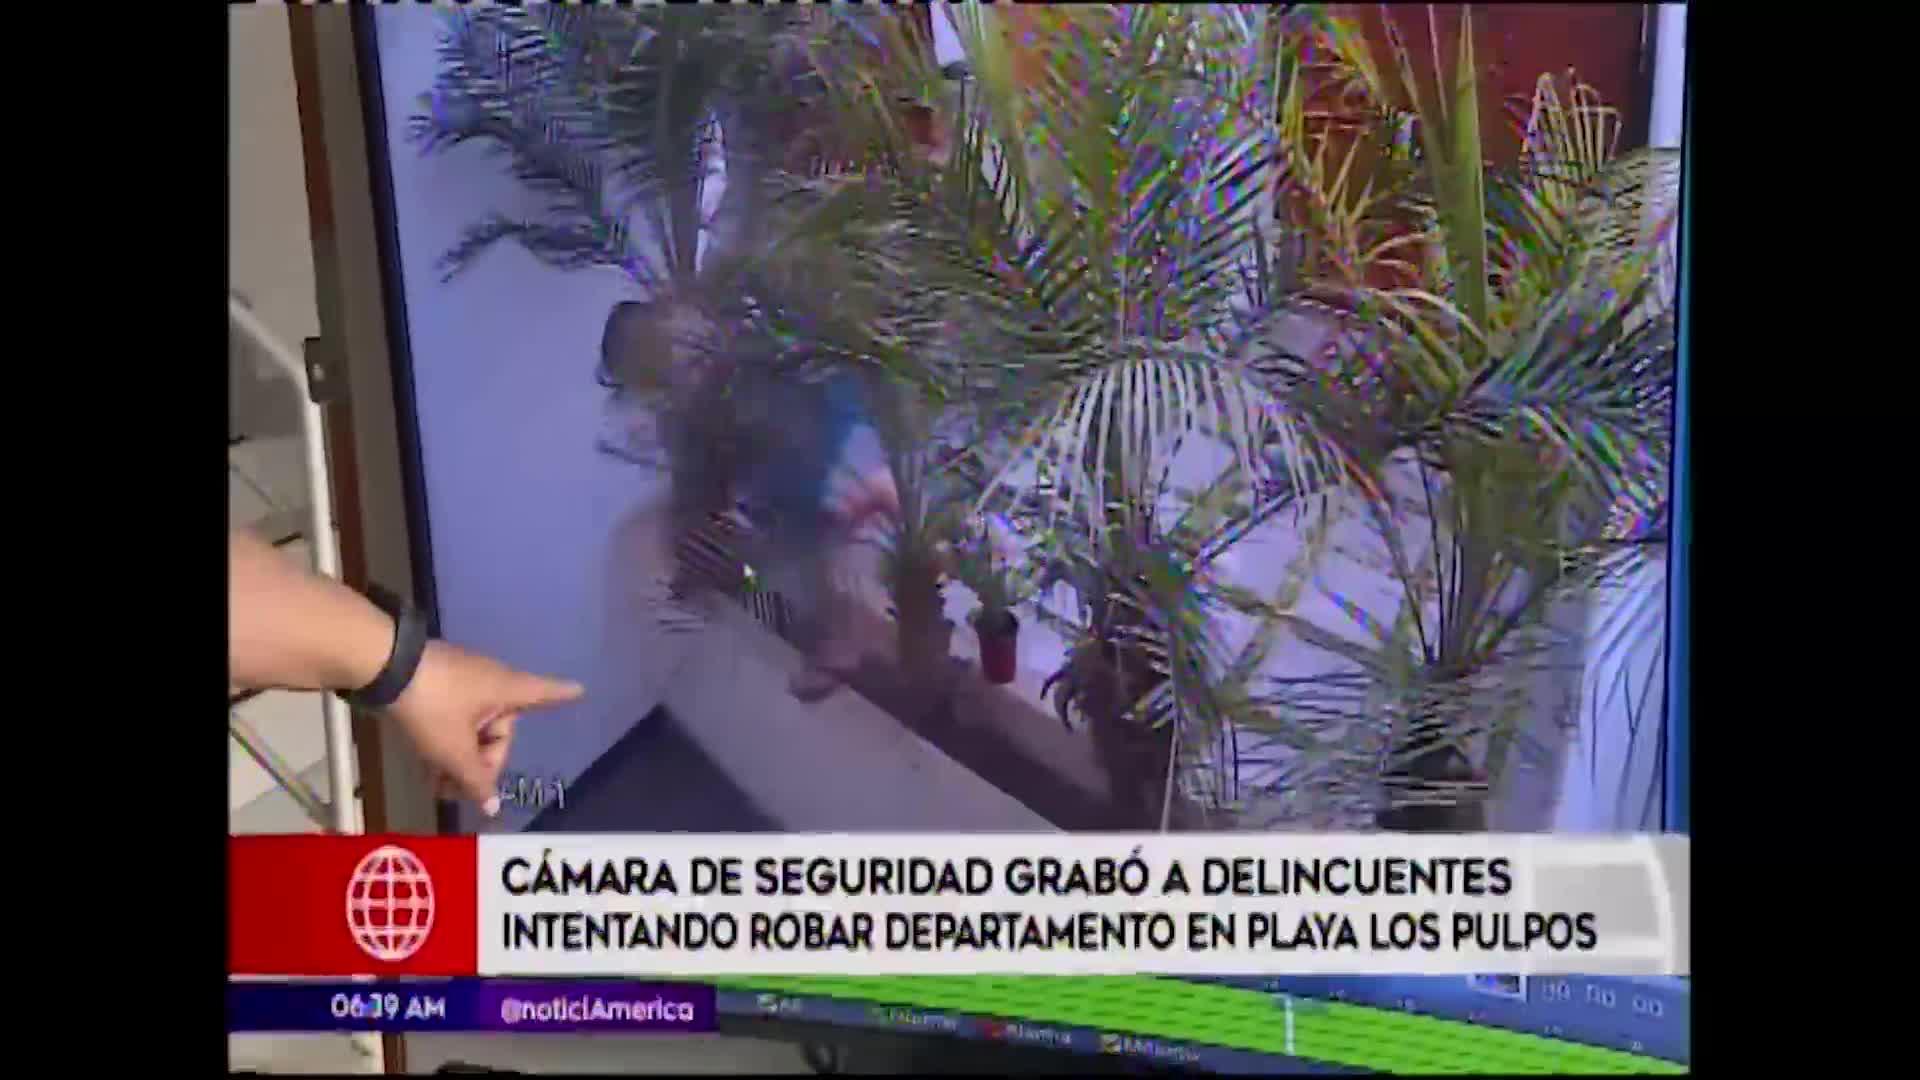 Playa Los Pulpos : video muestra a delincuentes intentando robar departamento